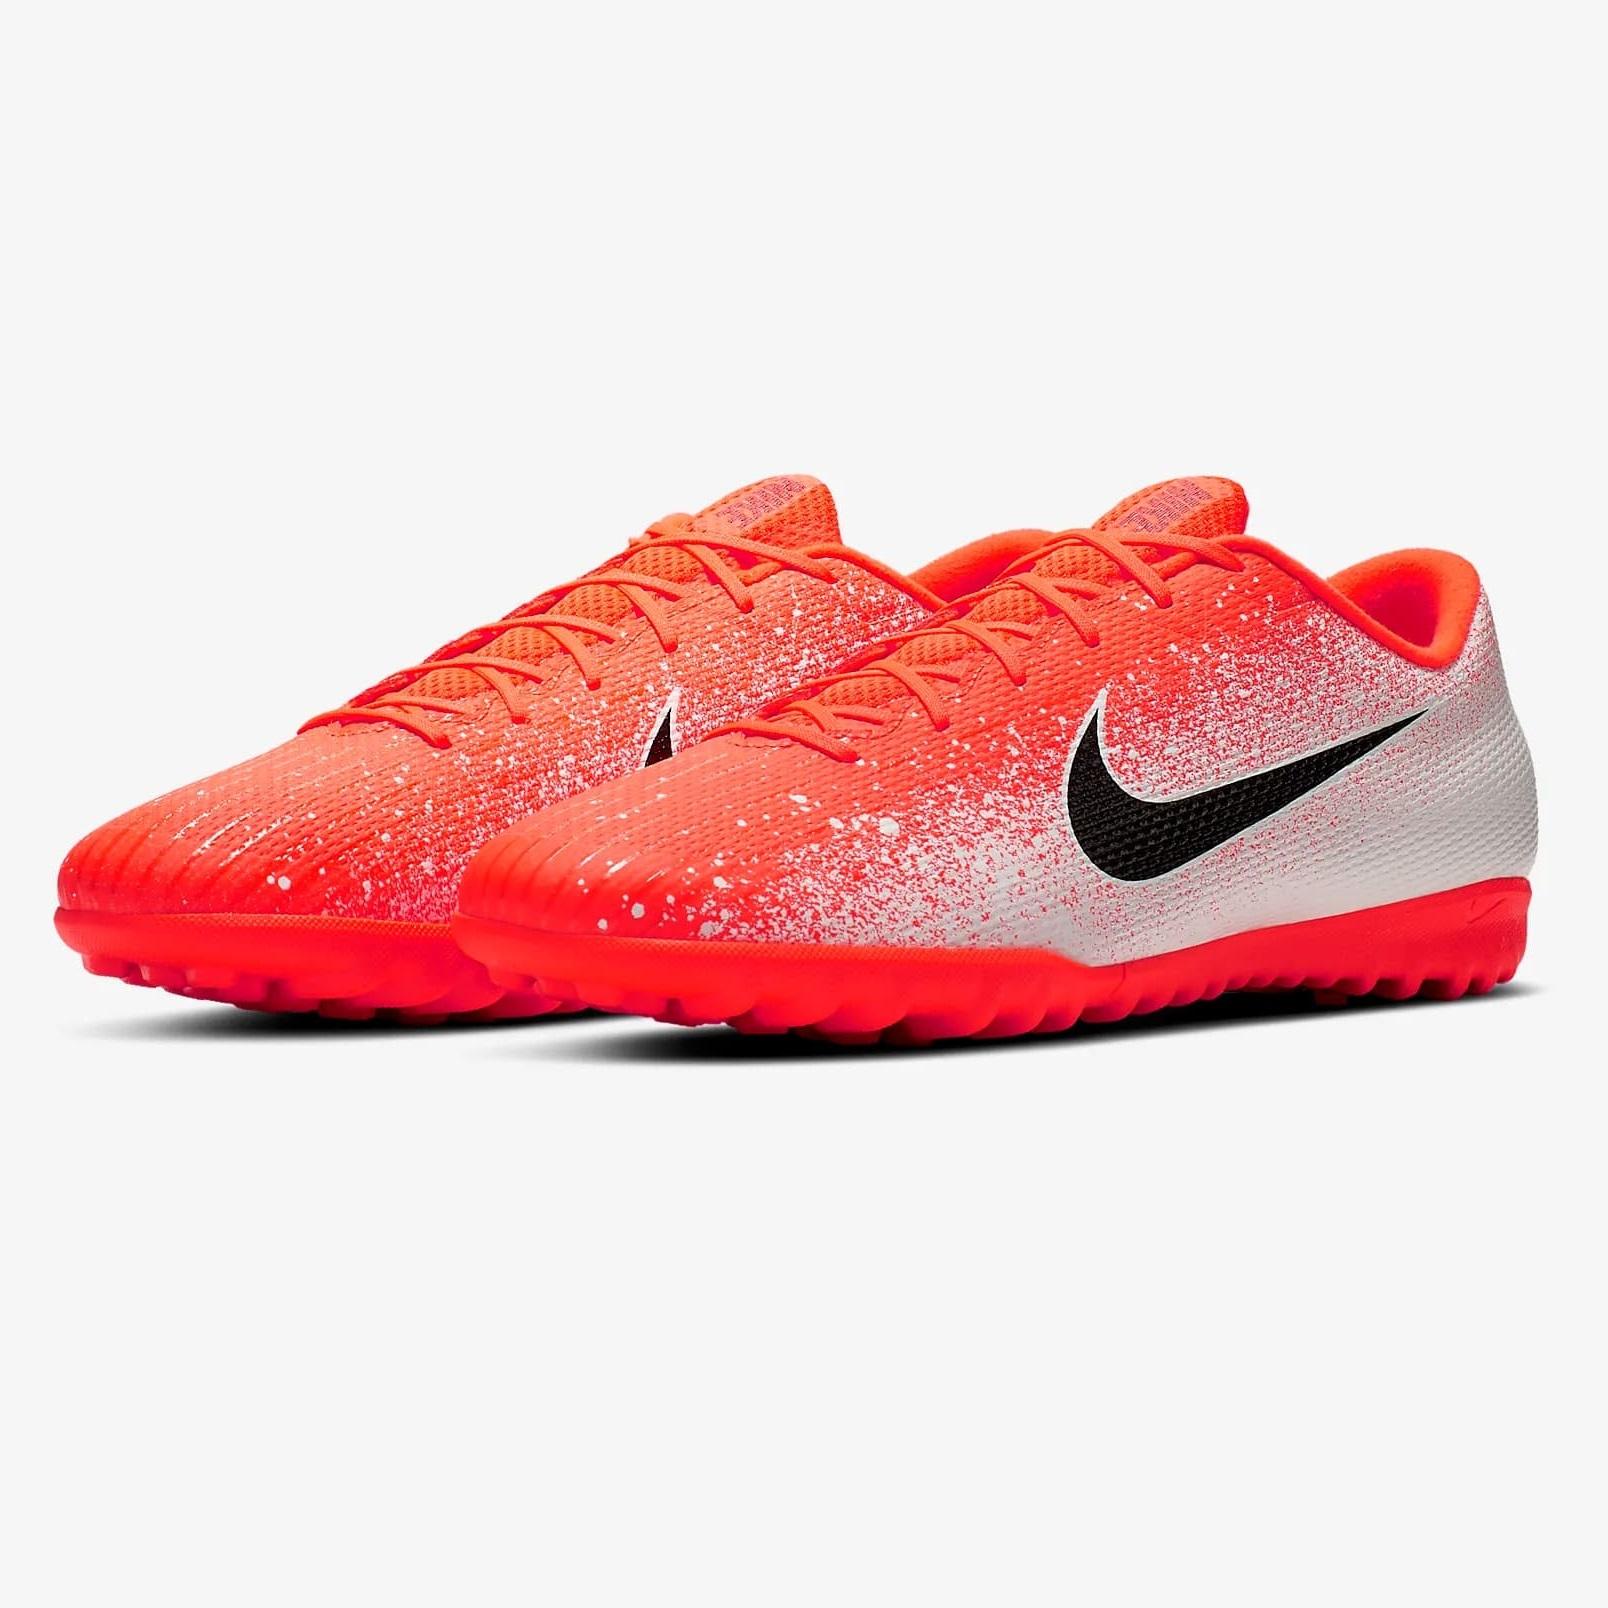 91c46232 Шиповки для футбола от магазина FAIR PLAY | Купить футбольные шиповки